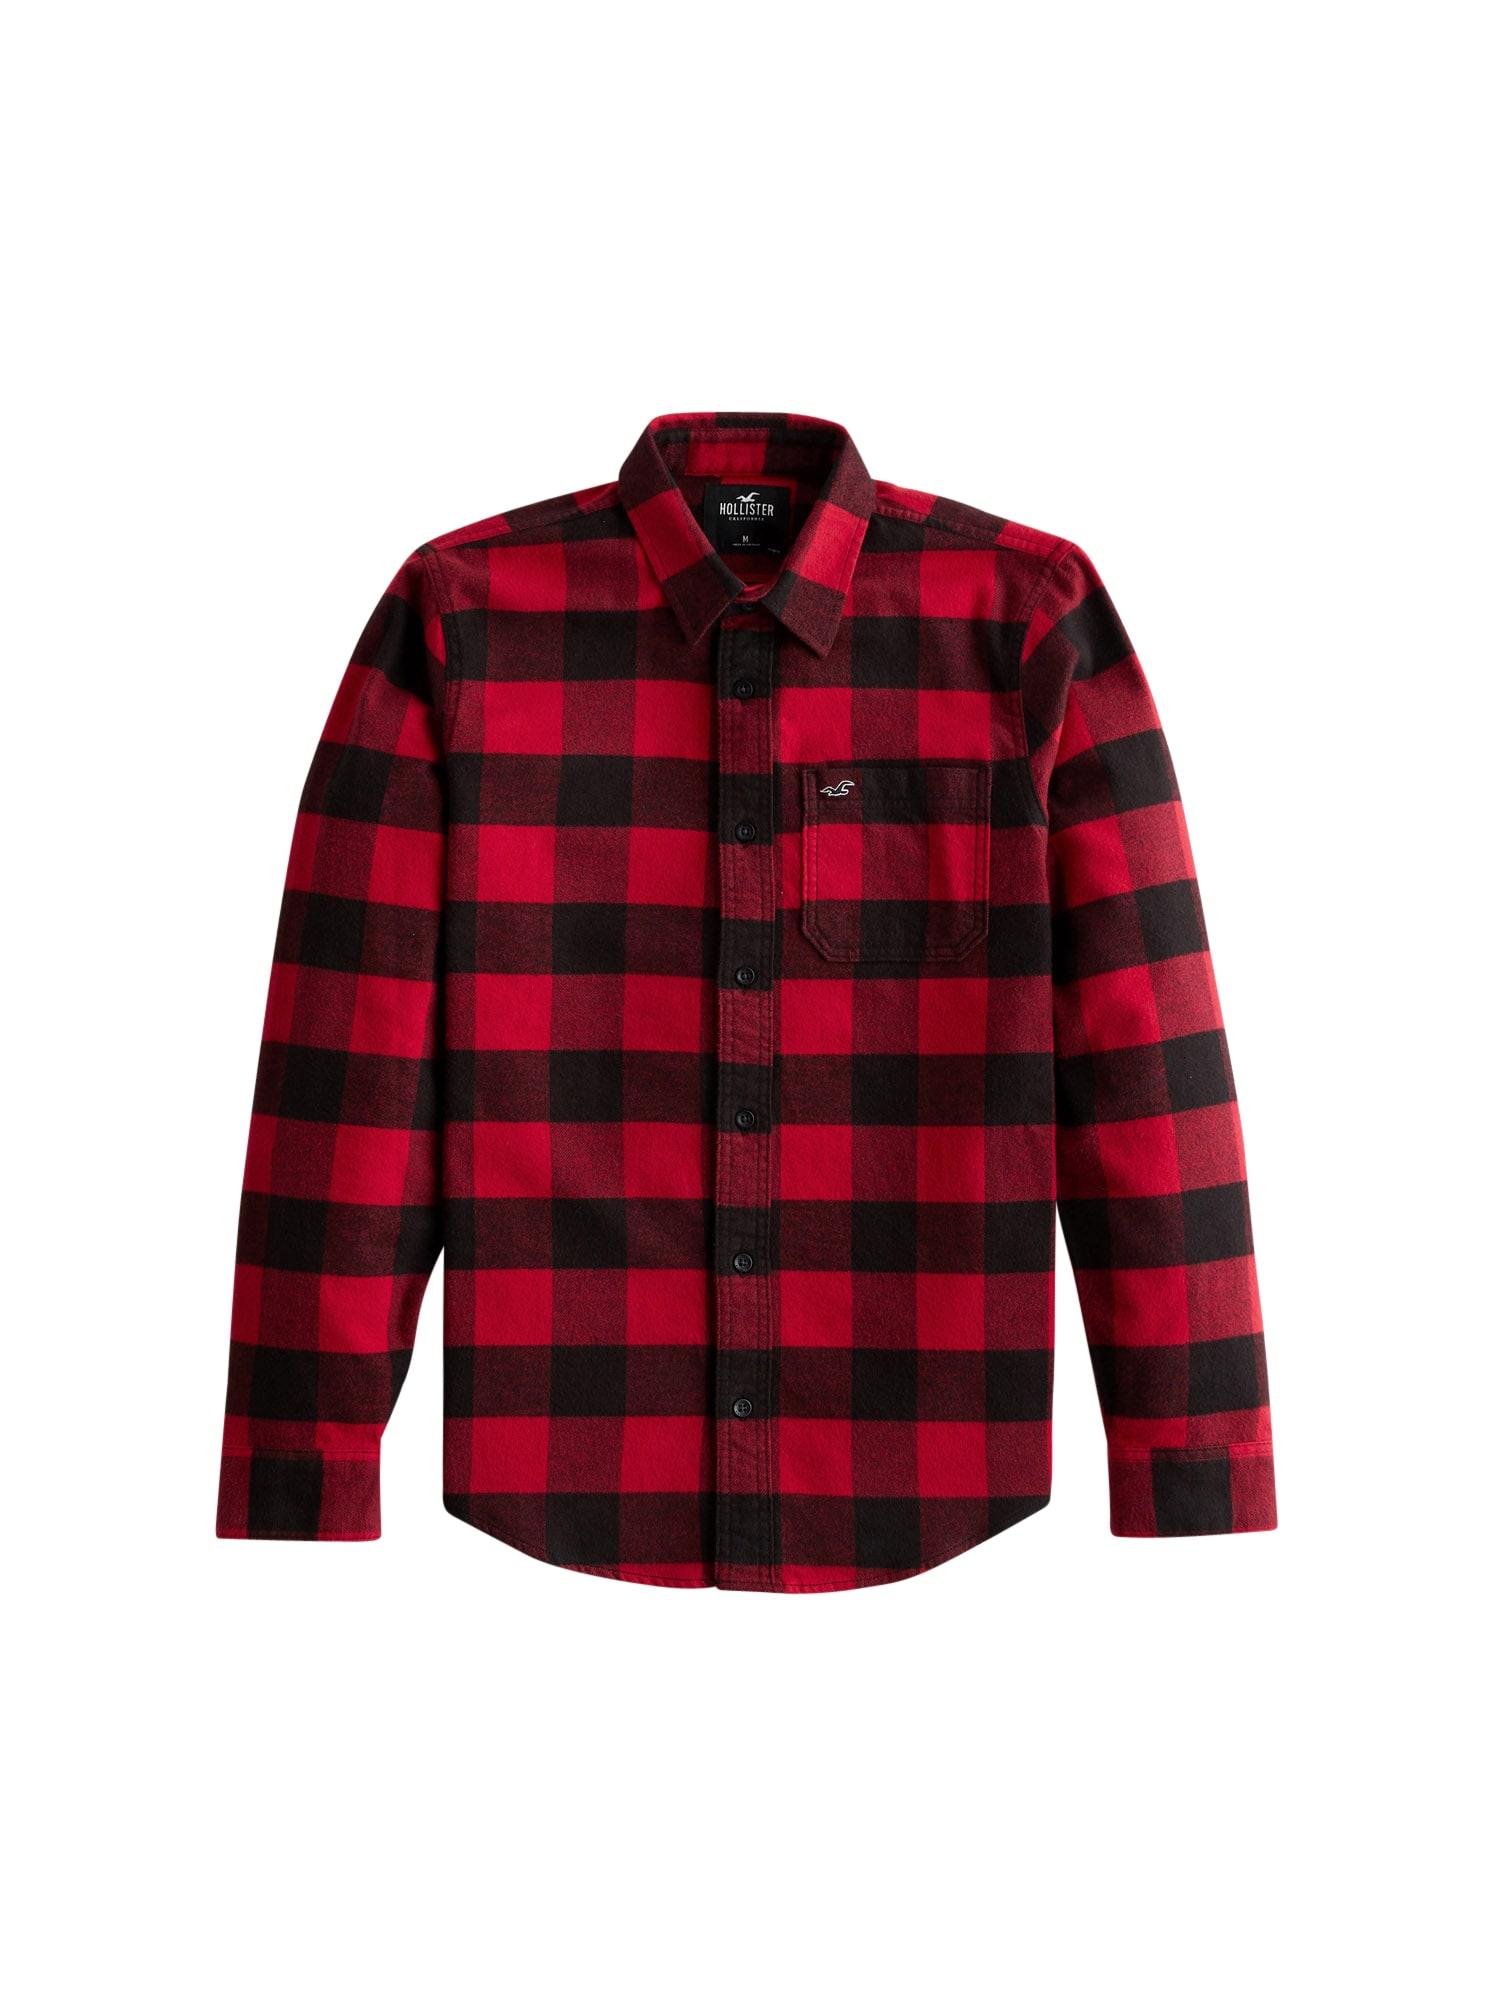 HOLLISTER Marškiniai raudona / juoda